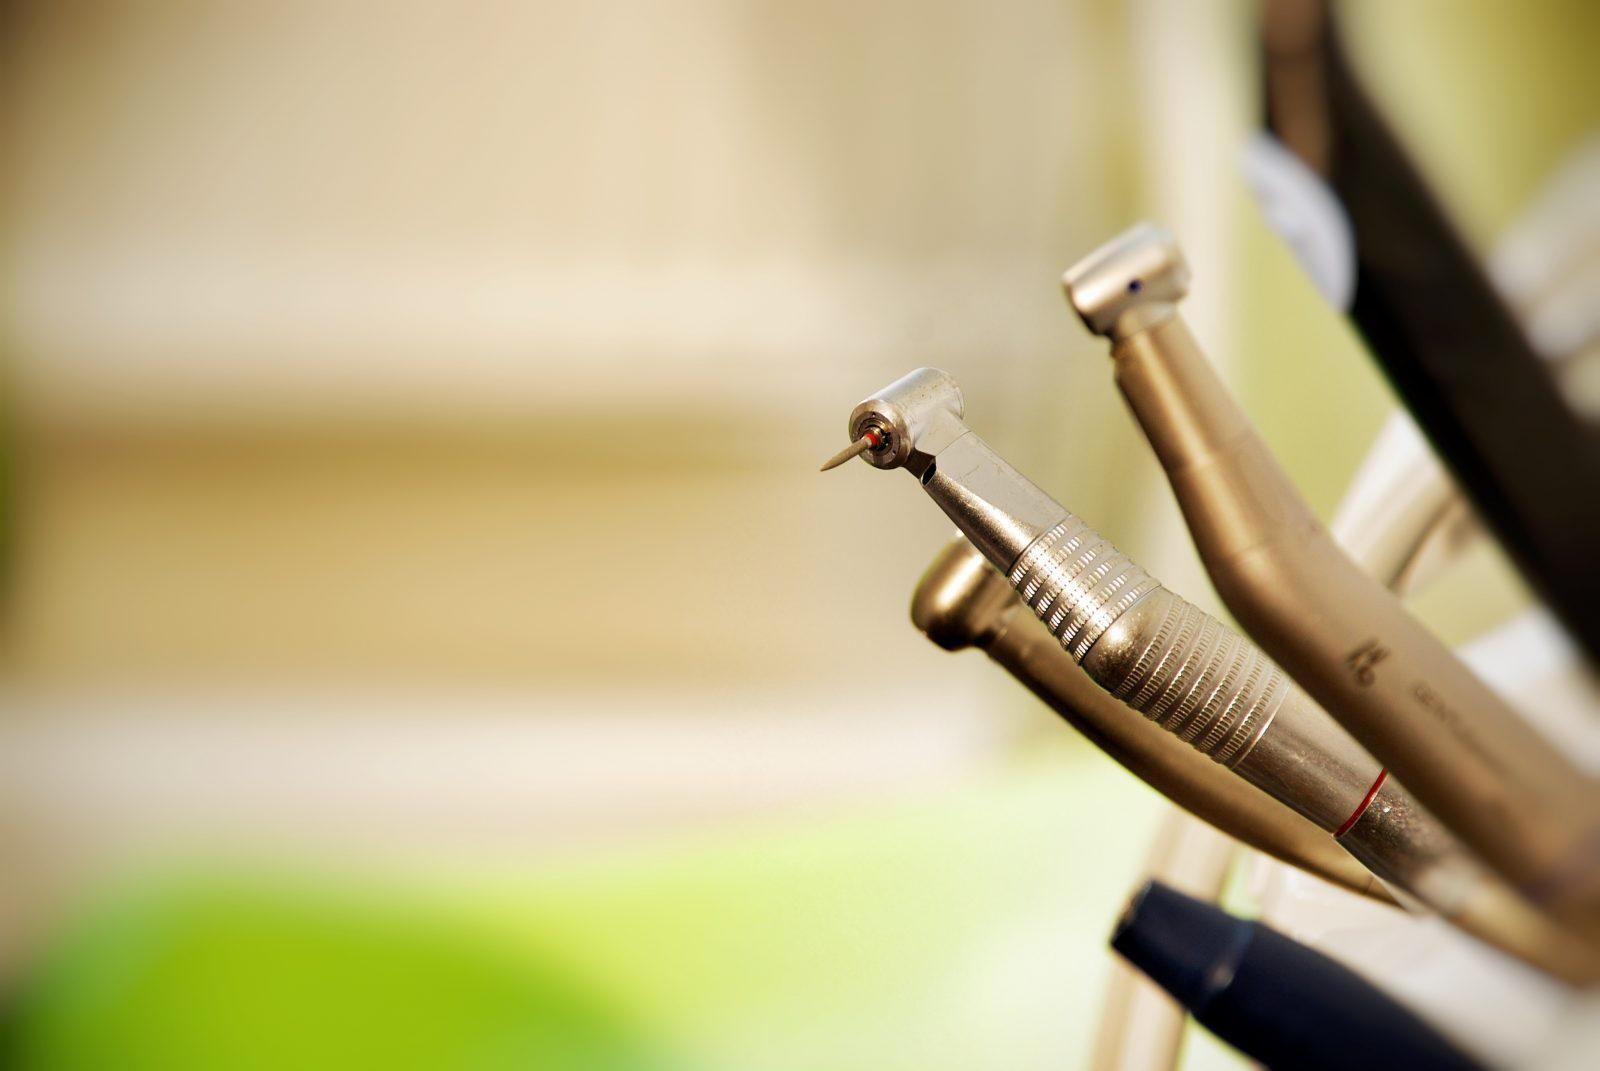 Womit ich als Arzt Zahnschmerzen habe? Und was diese Zahnschmerzen lindern kann?